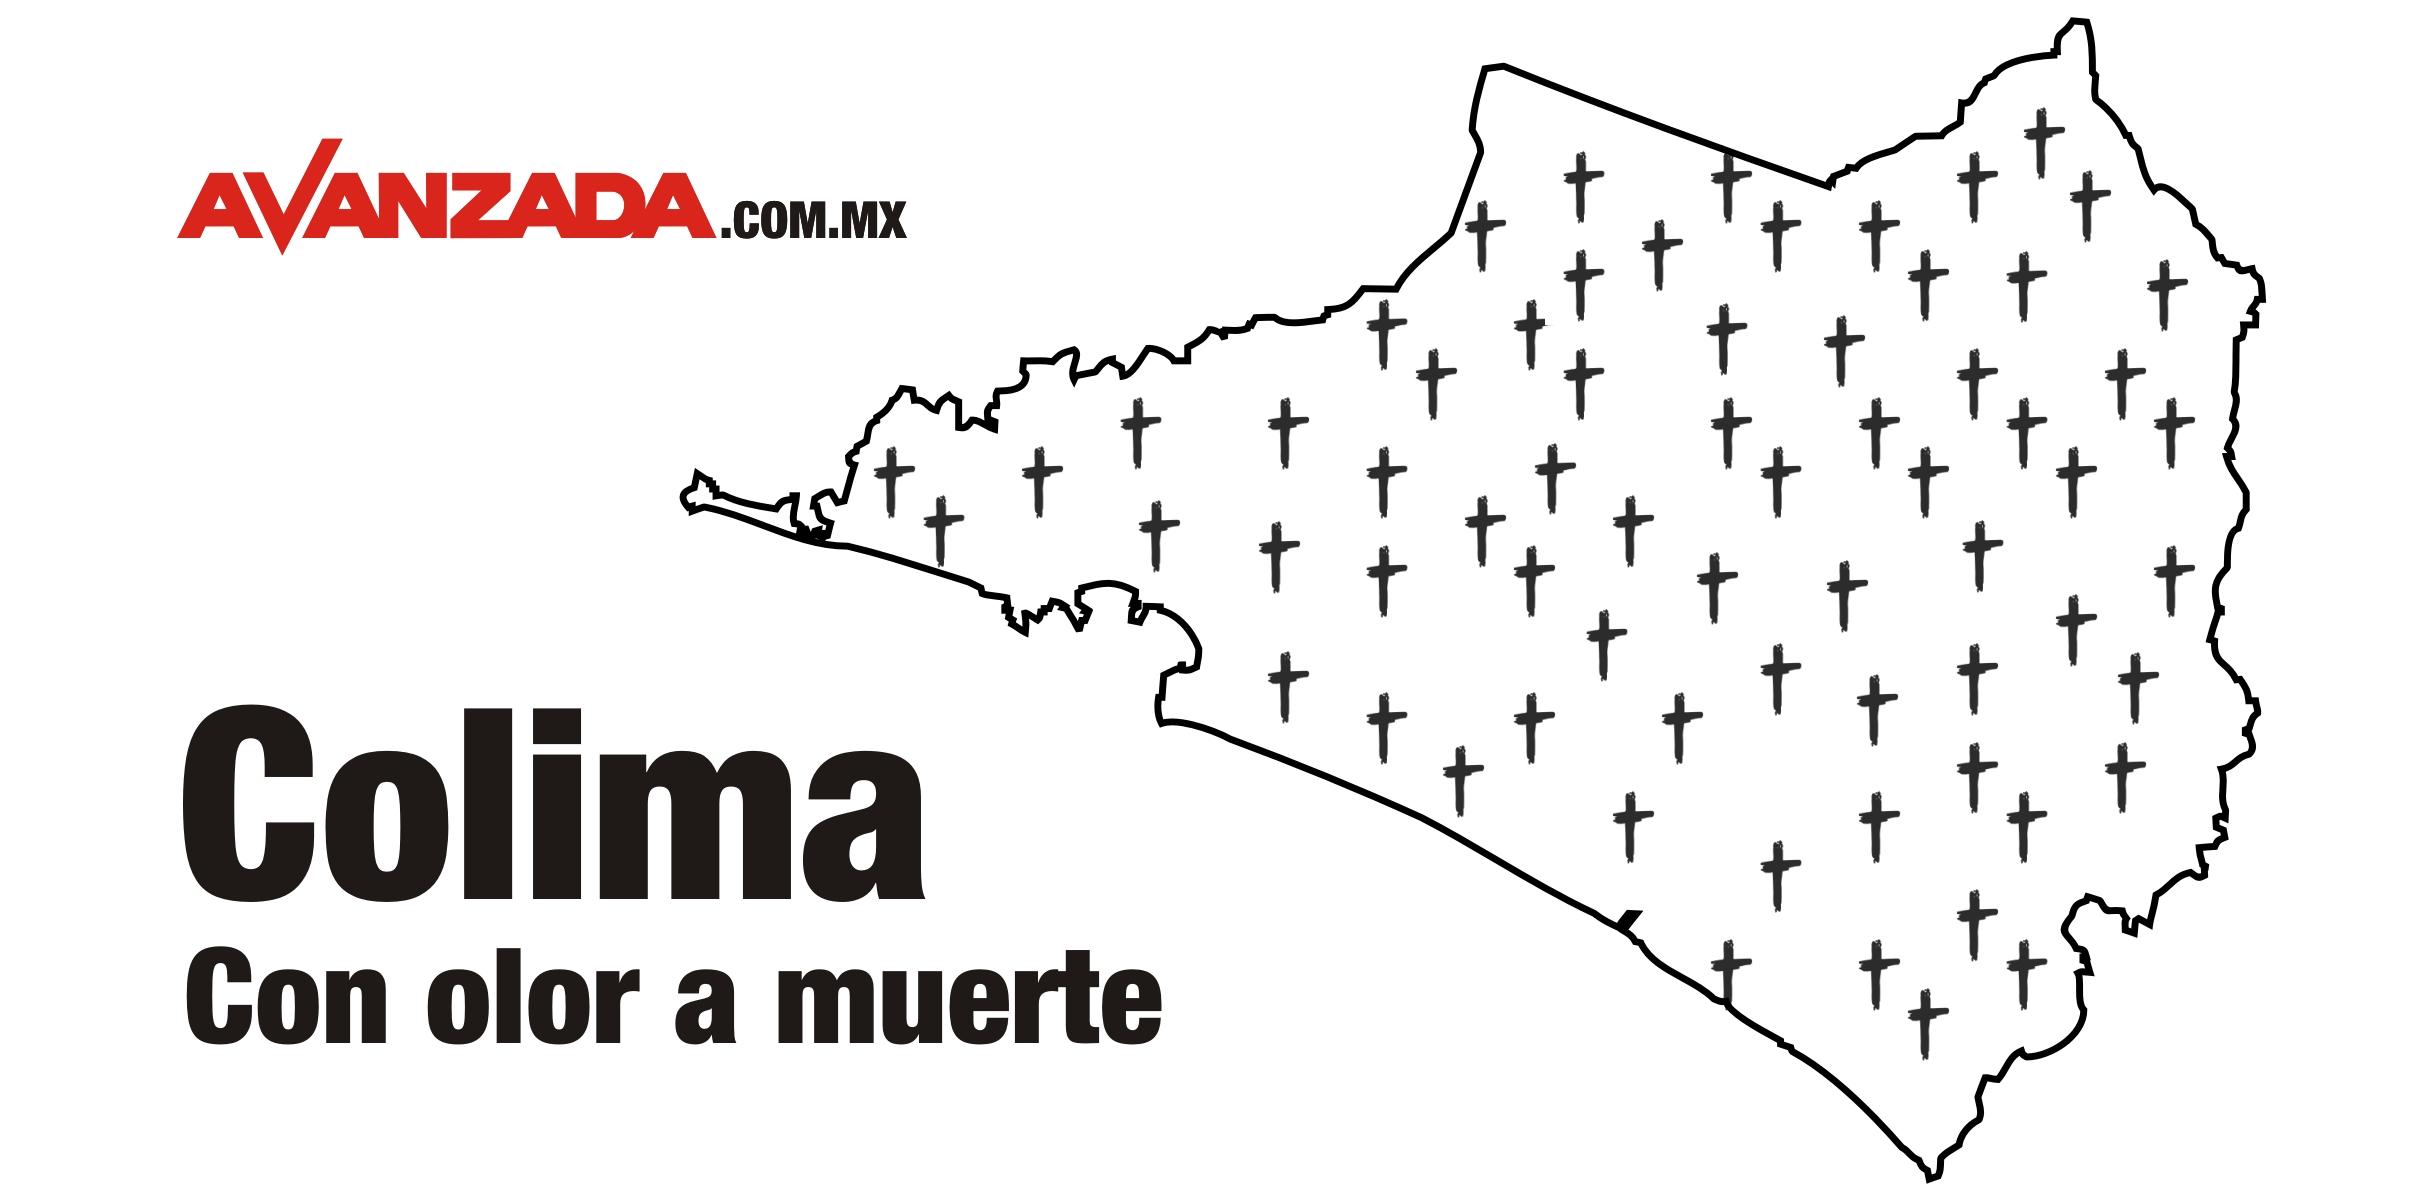 Asesinaron a 74 personas en Colima durante el mes de diciembre